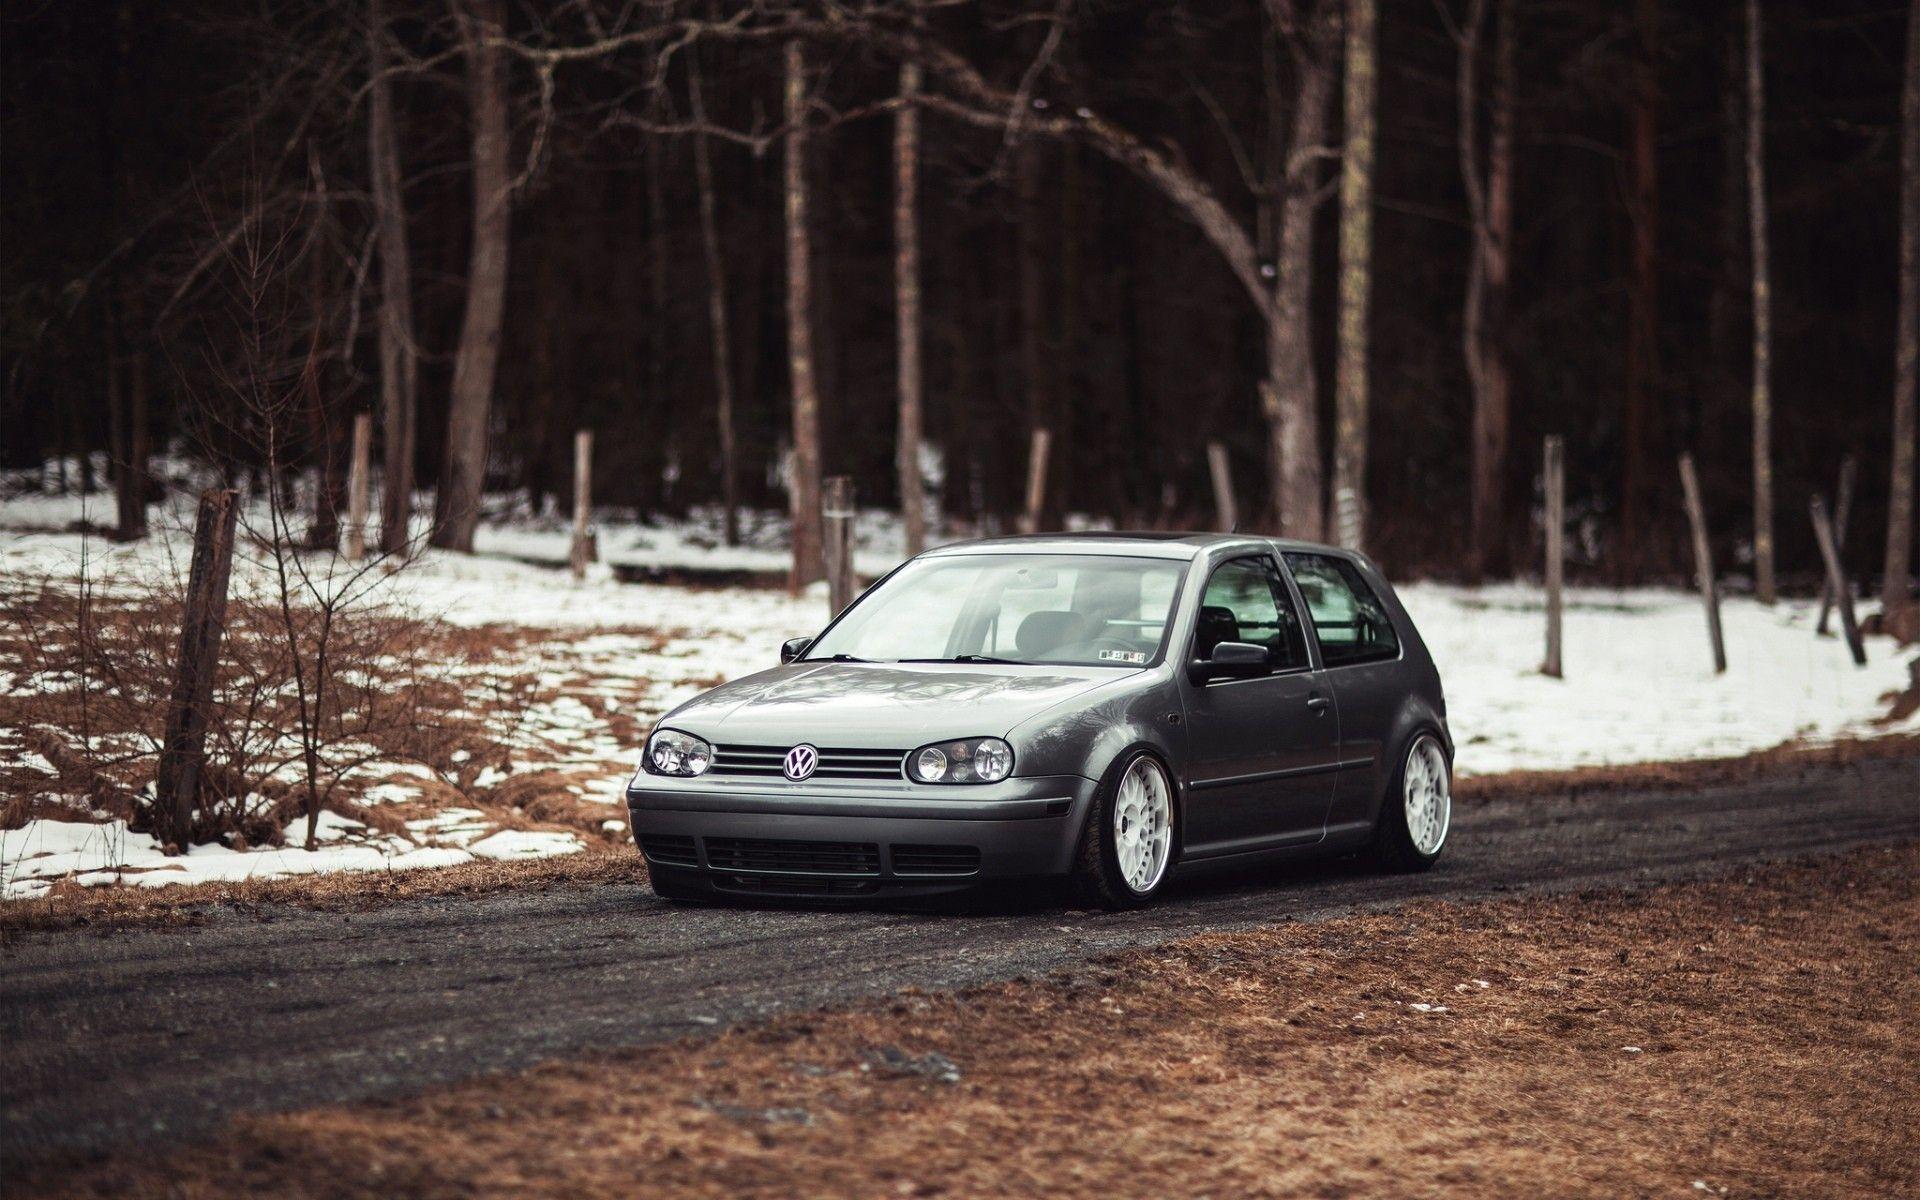 Mkiv Golf Iv Car Stance Volkswagen Gti Wallpaper Volkswagen Car Hd Hatchback